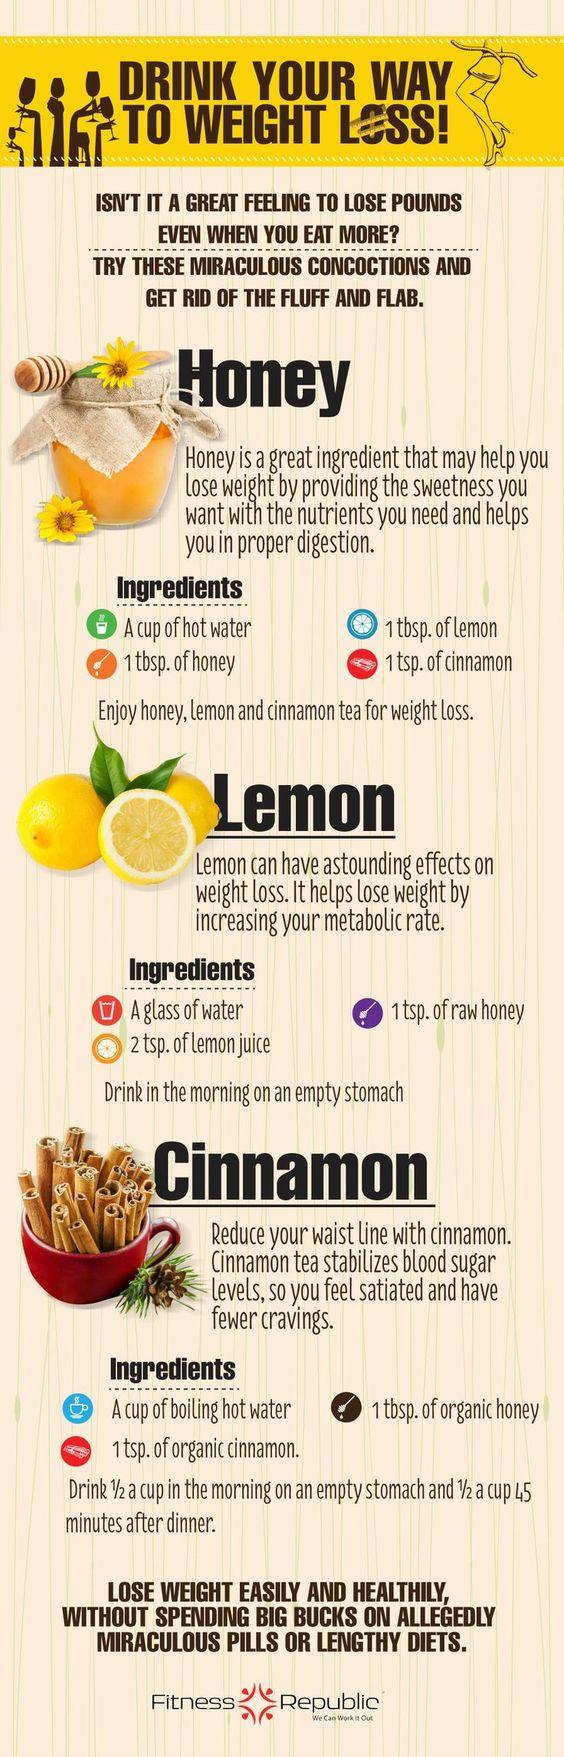 Μέλι, Κανέλα + Λεμόνι = λιγότερο βάρος